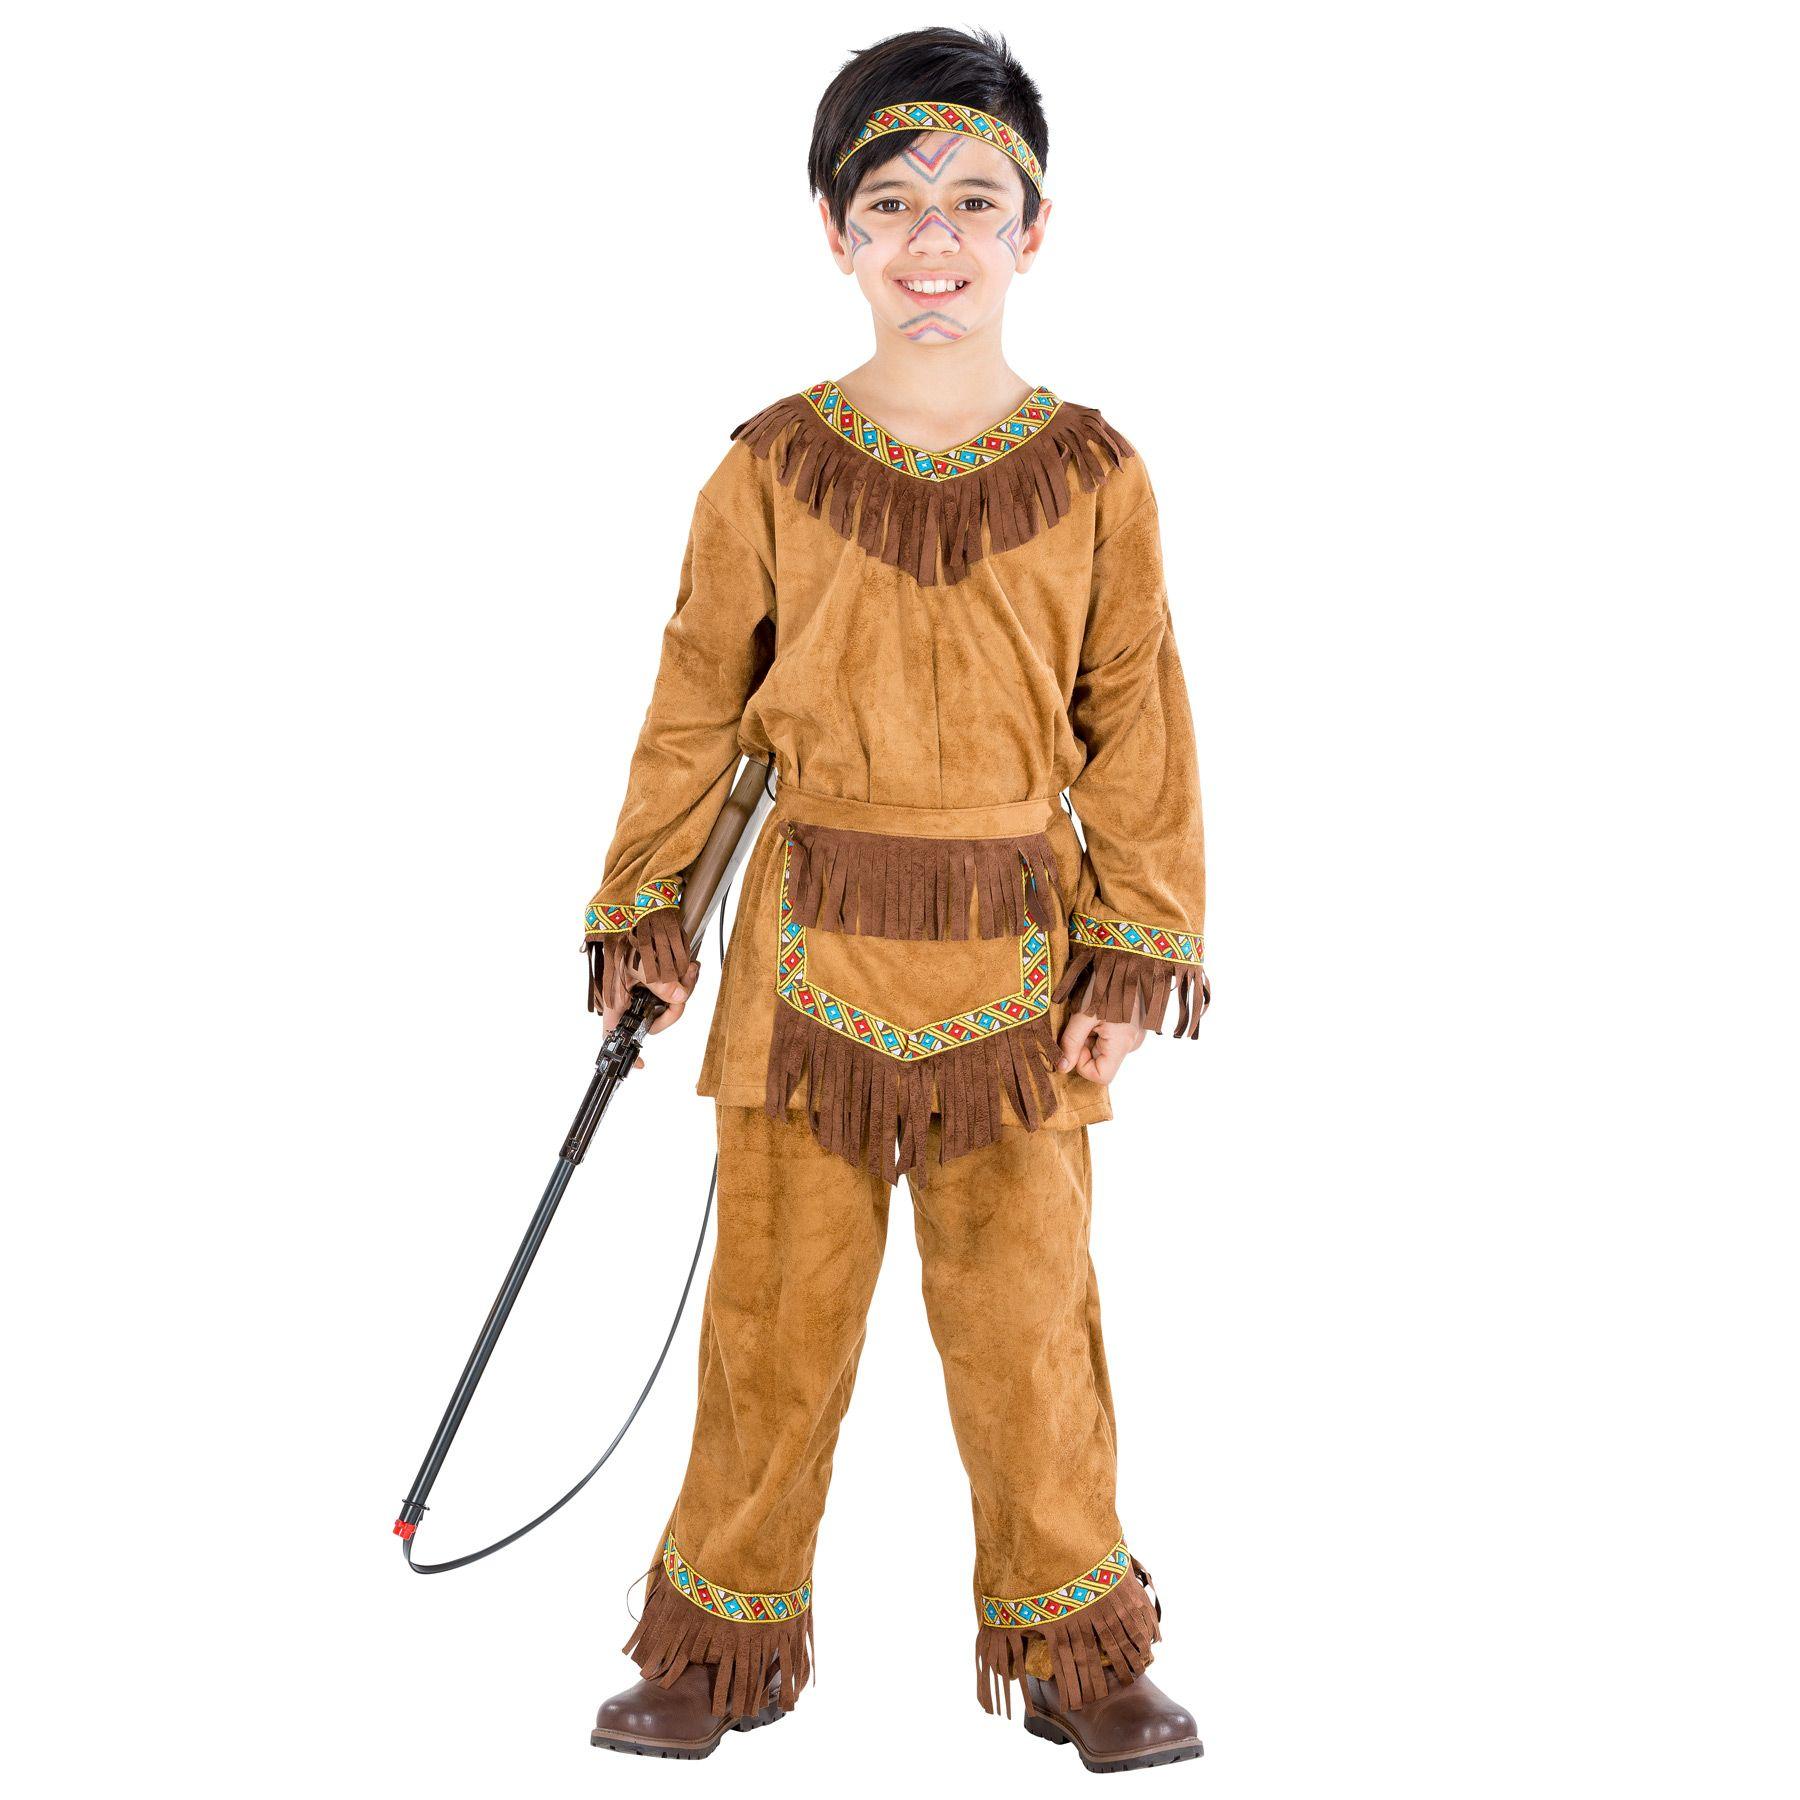 prezzo folle varietà di stili del 2019 nuove foto Dettagli su Costume da Indiano Ragazzo Bambino Indiani d'America Western  Carnevale Halloween